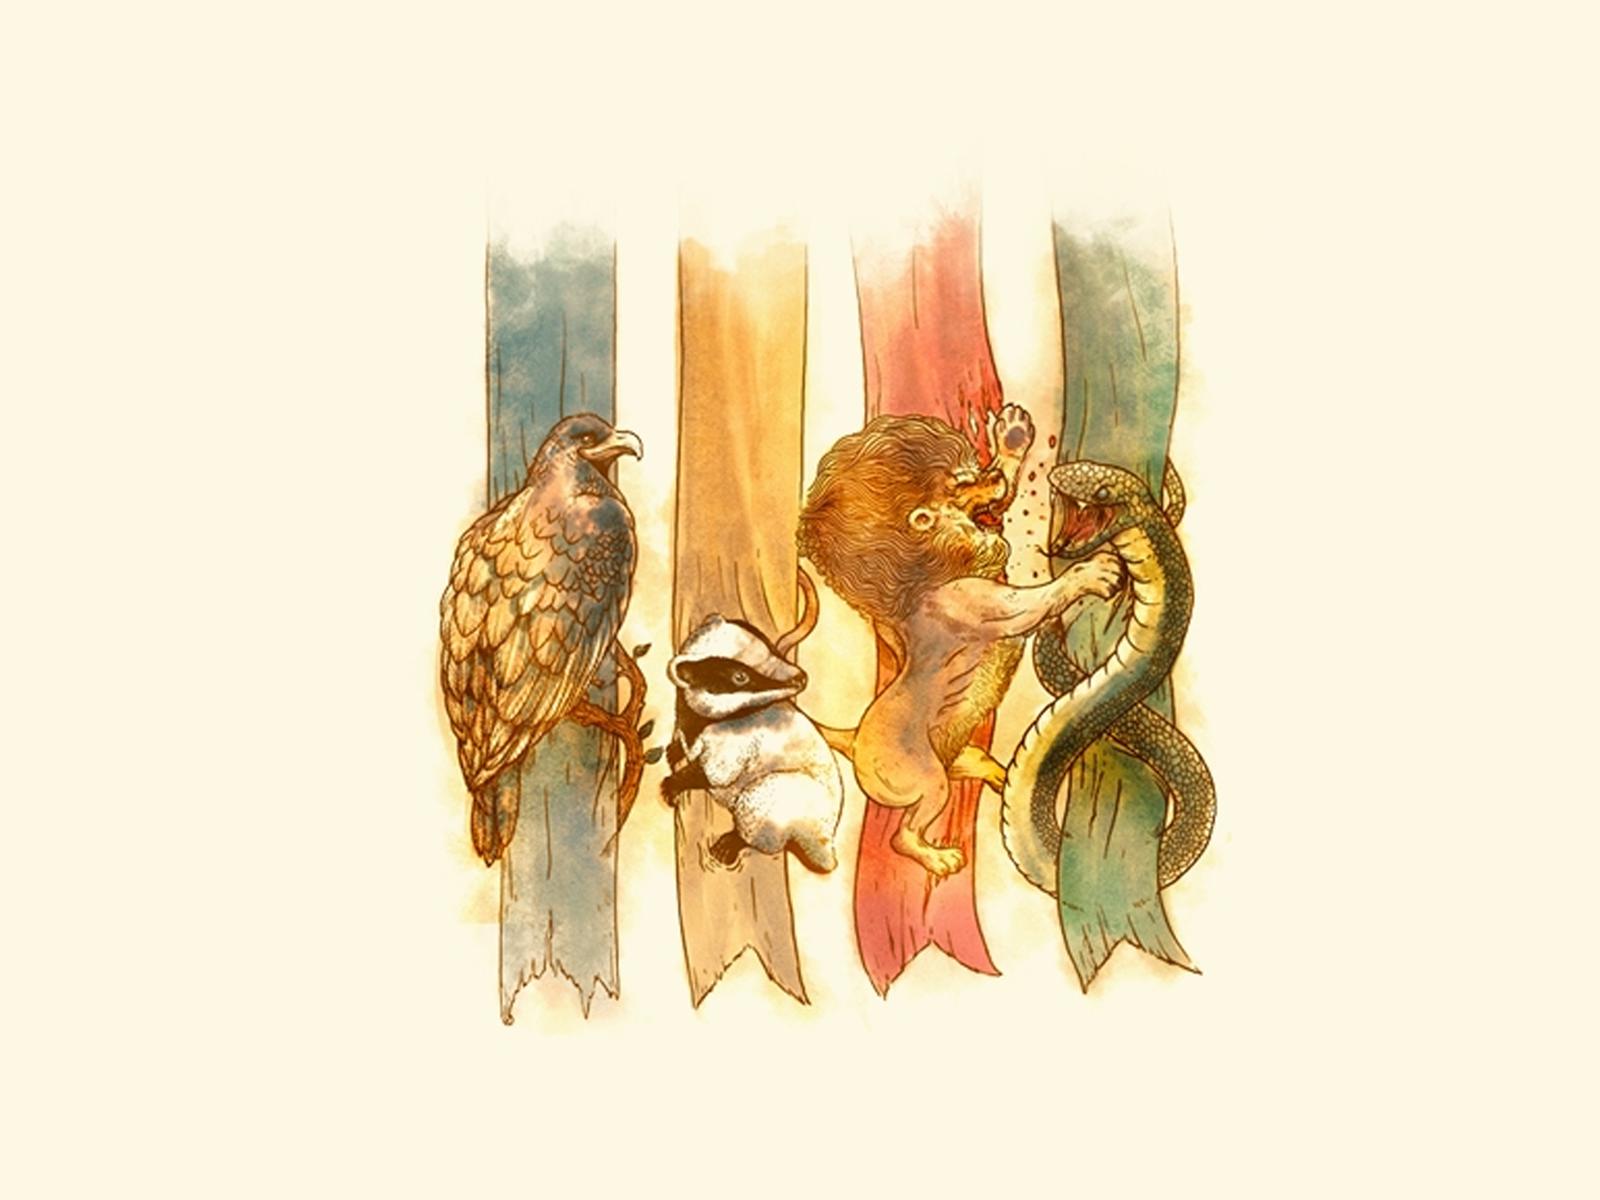 Must see Wallpaper Harry Potter Emoji - 2fd30c9158549a626ec8bc4fc926830b  Trends_217839.png